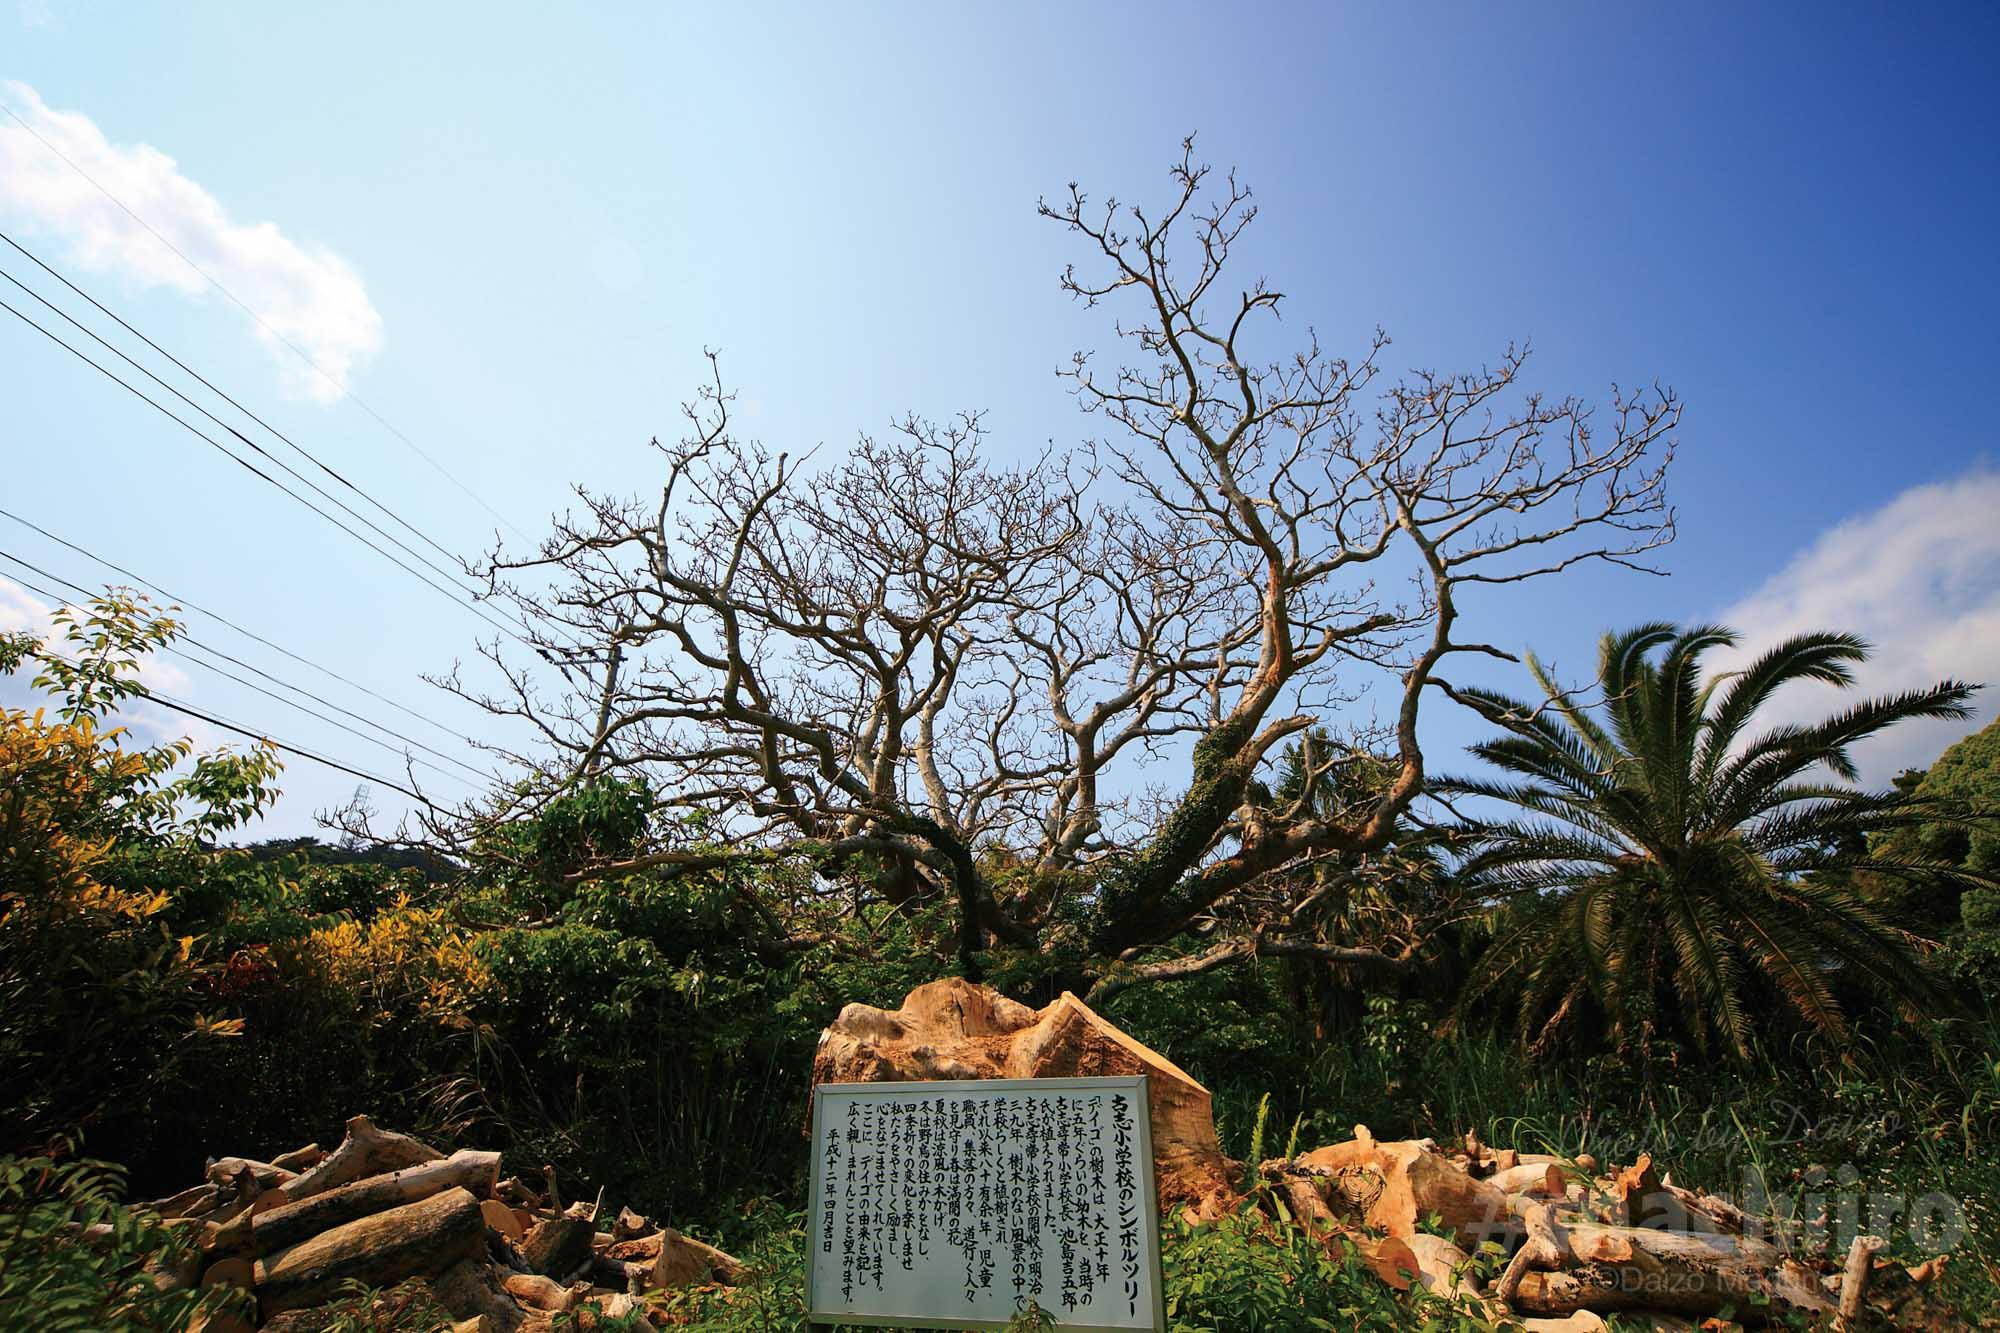 奄美探訪 西古見集落 machiiro 記事写真 1